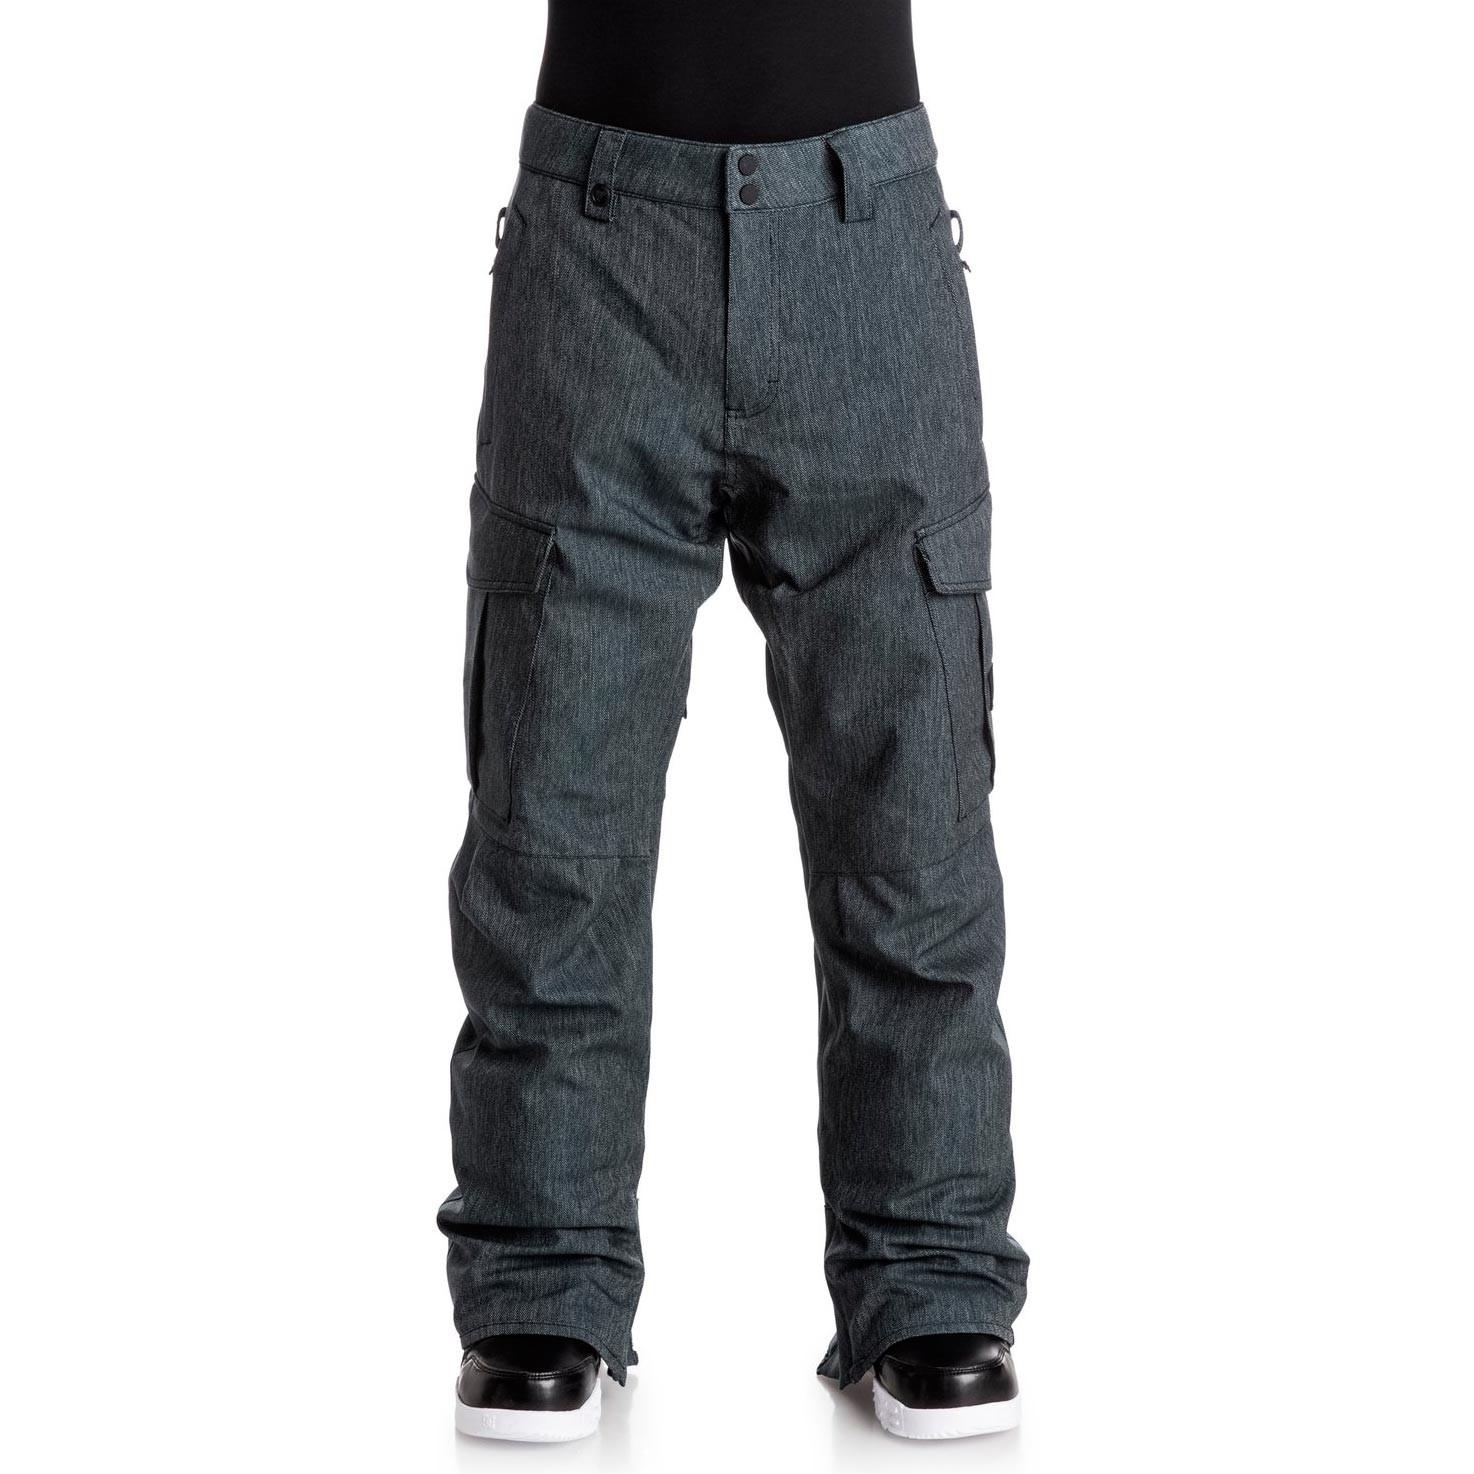 Kalhoty Quiksilver Porter Denim black vel.XL 16/17 + doručení do 24 hodin